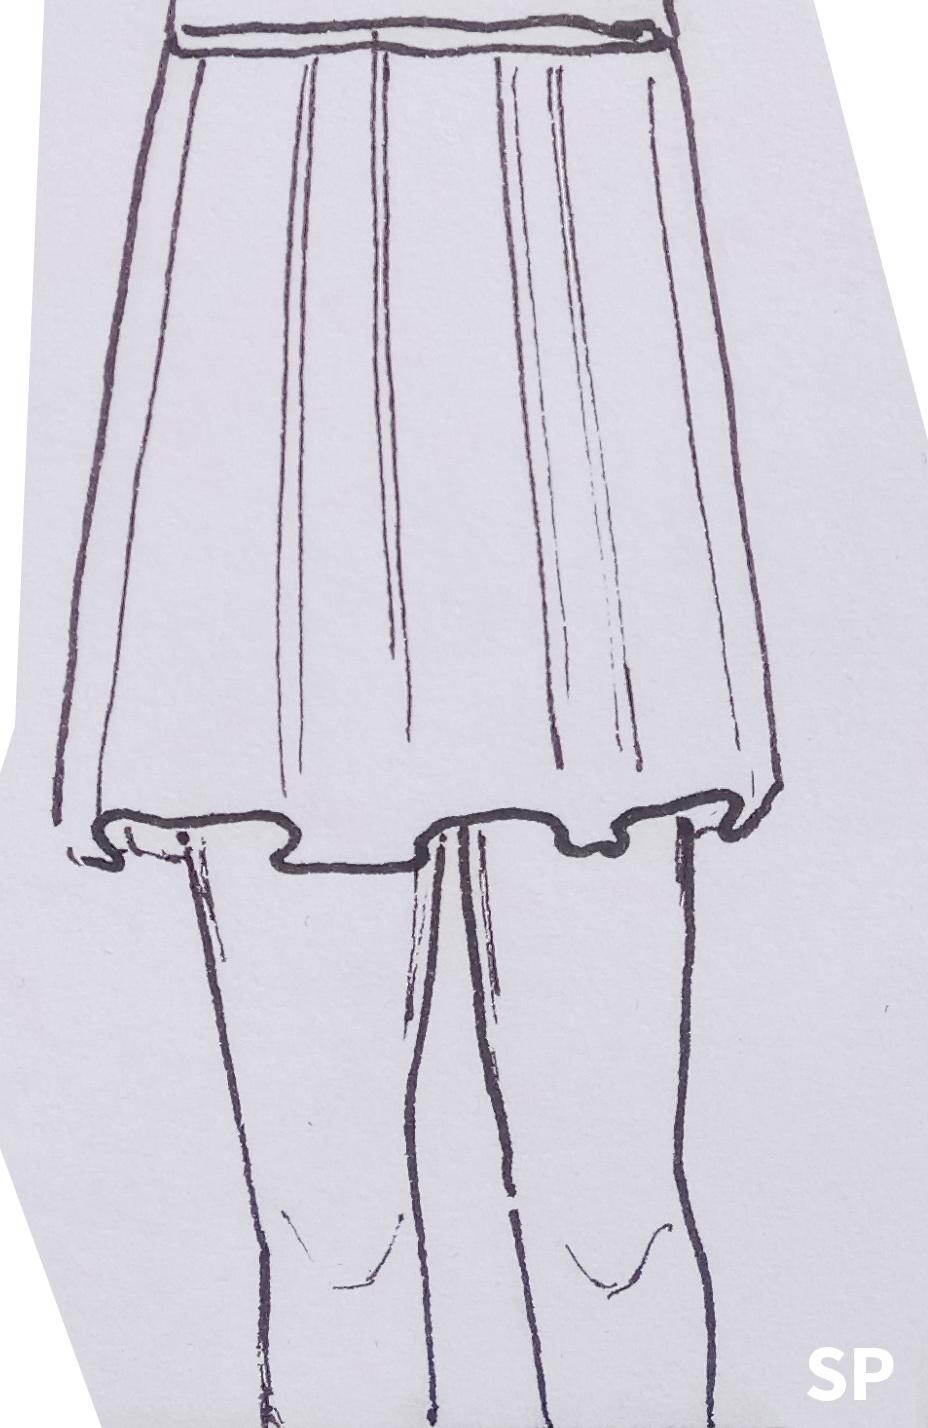 skirt sp.jpg